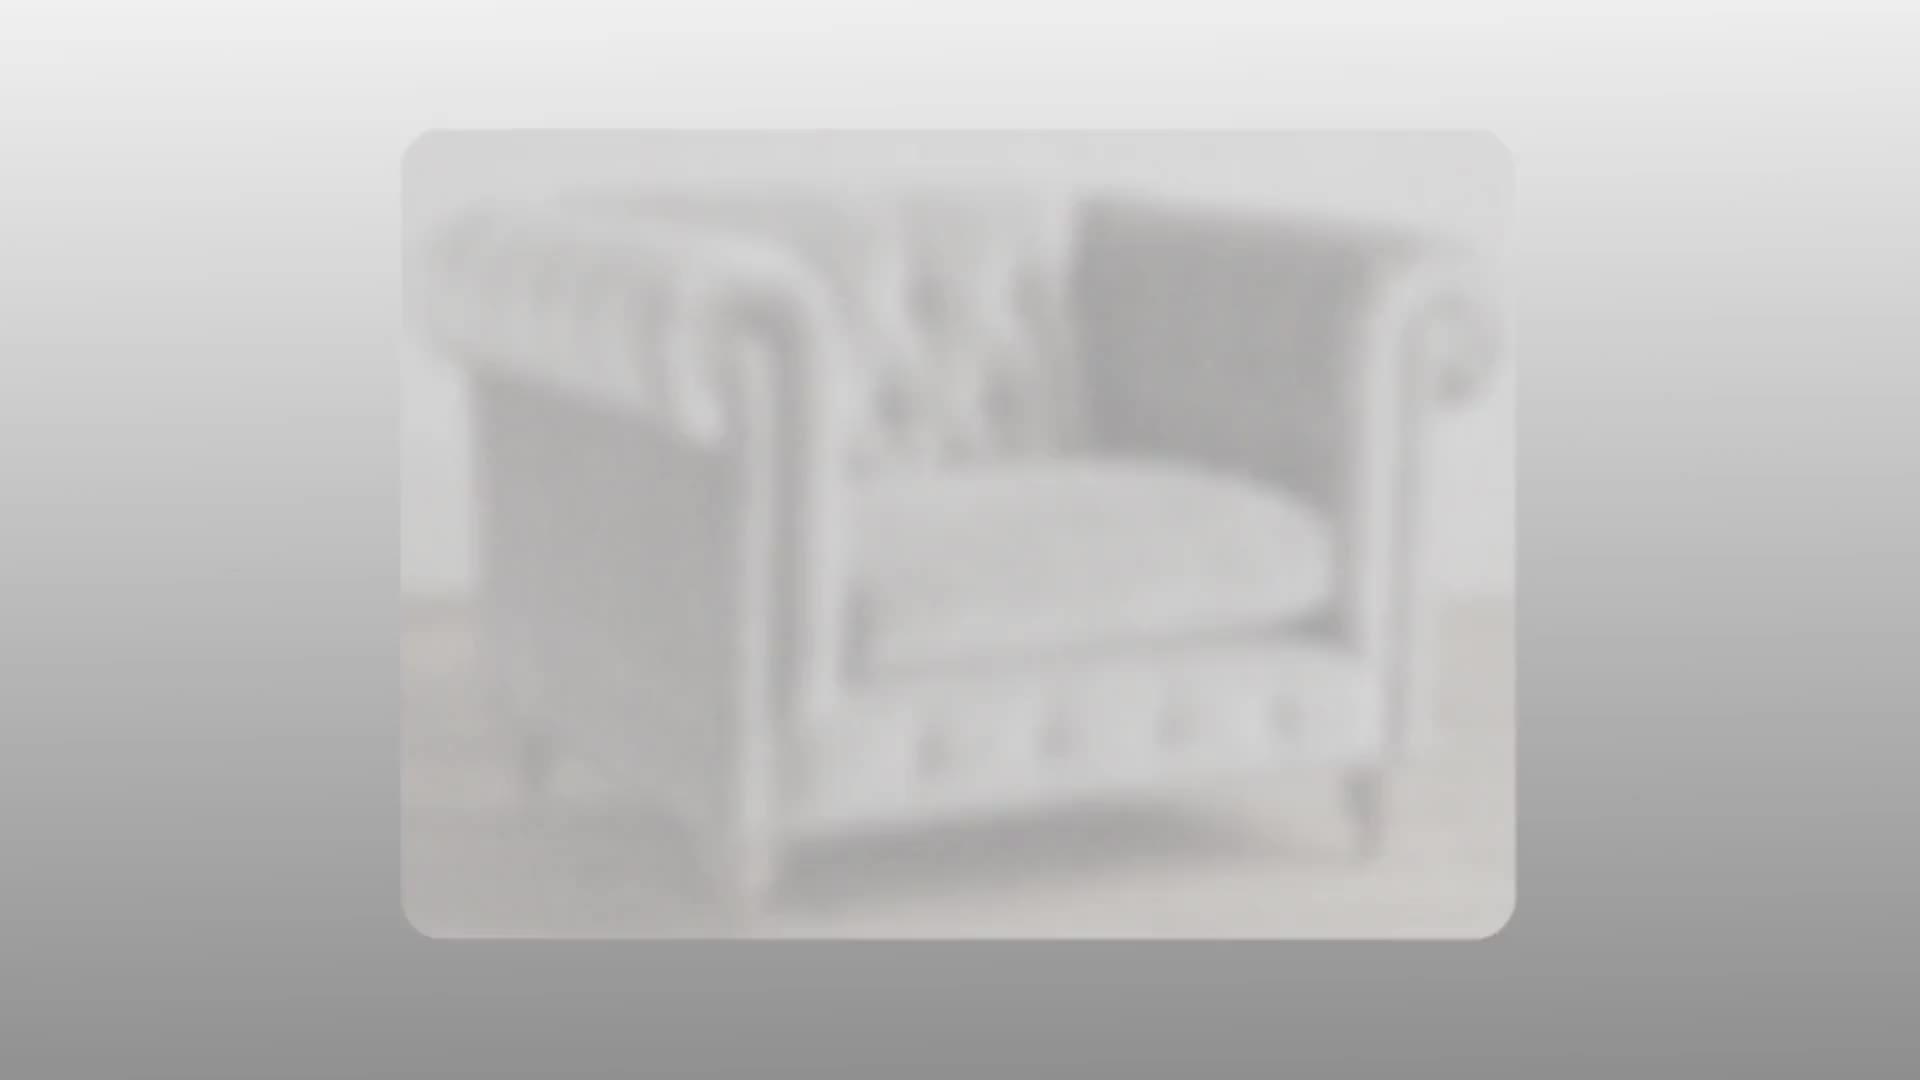 Nút Luxury Chần Sợi Vòng Sofa Nhung Đồ Nội Thất Cổ Sofa Phòng Khách 3 Chỗ Ngồi Chesterfield Nhung Sofa Set